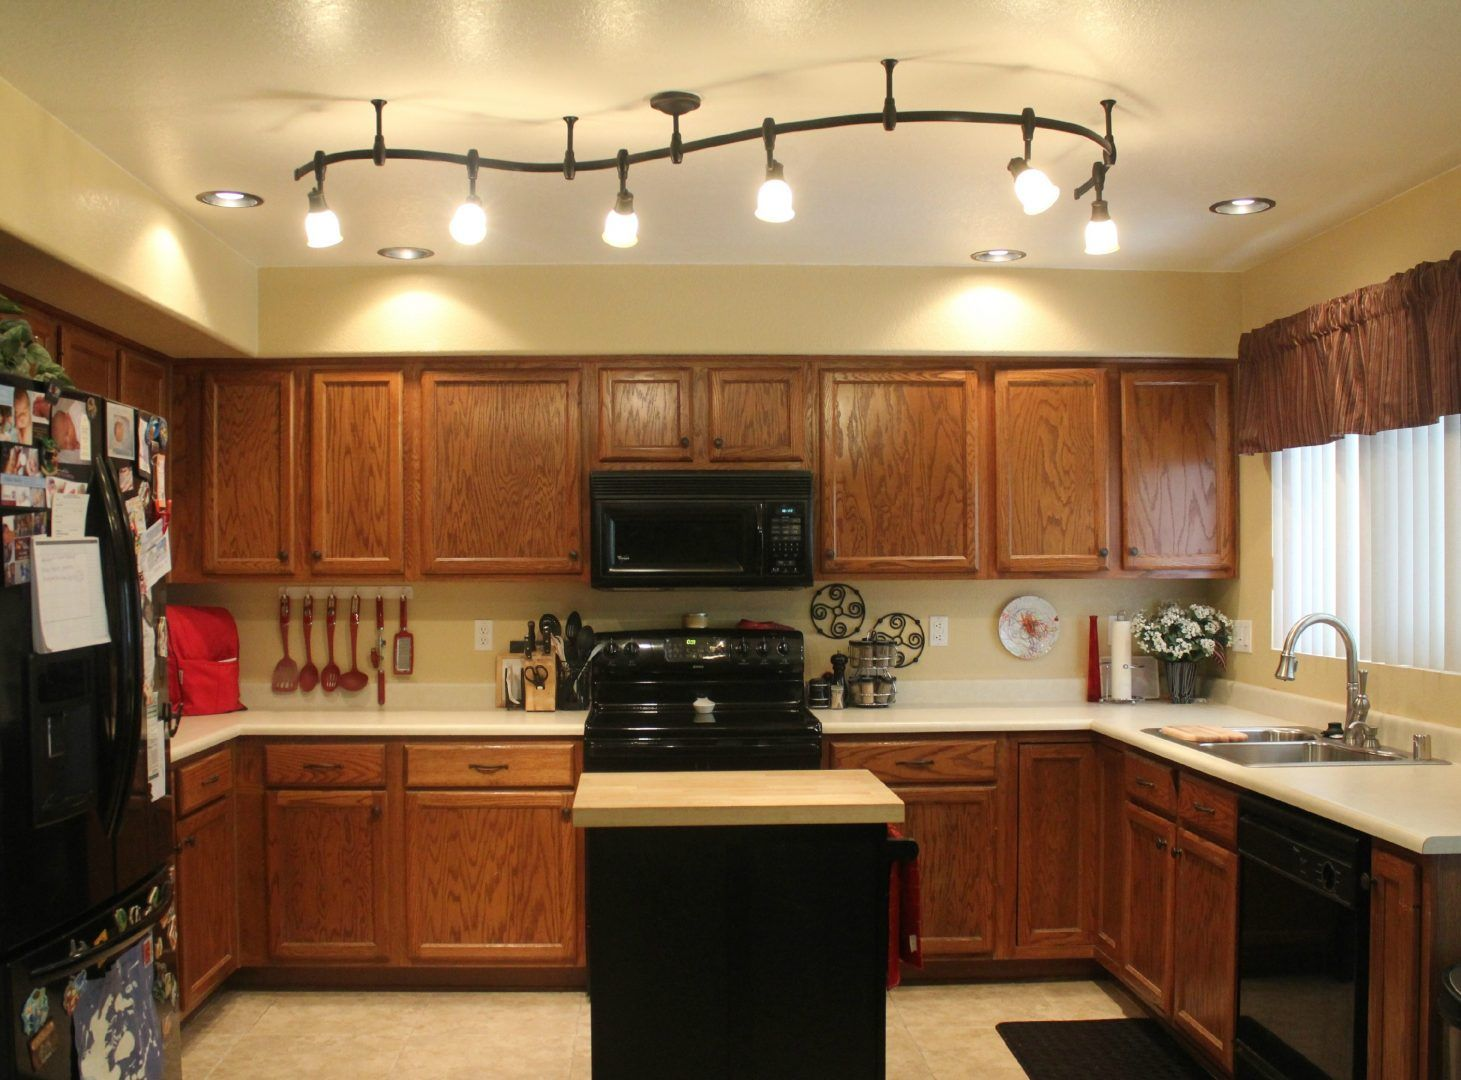 Luz en la cocina ideas cocina pinterest luces - Luces led para cocinas ...